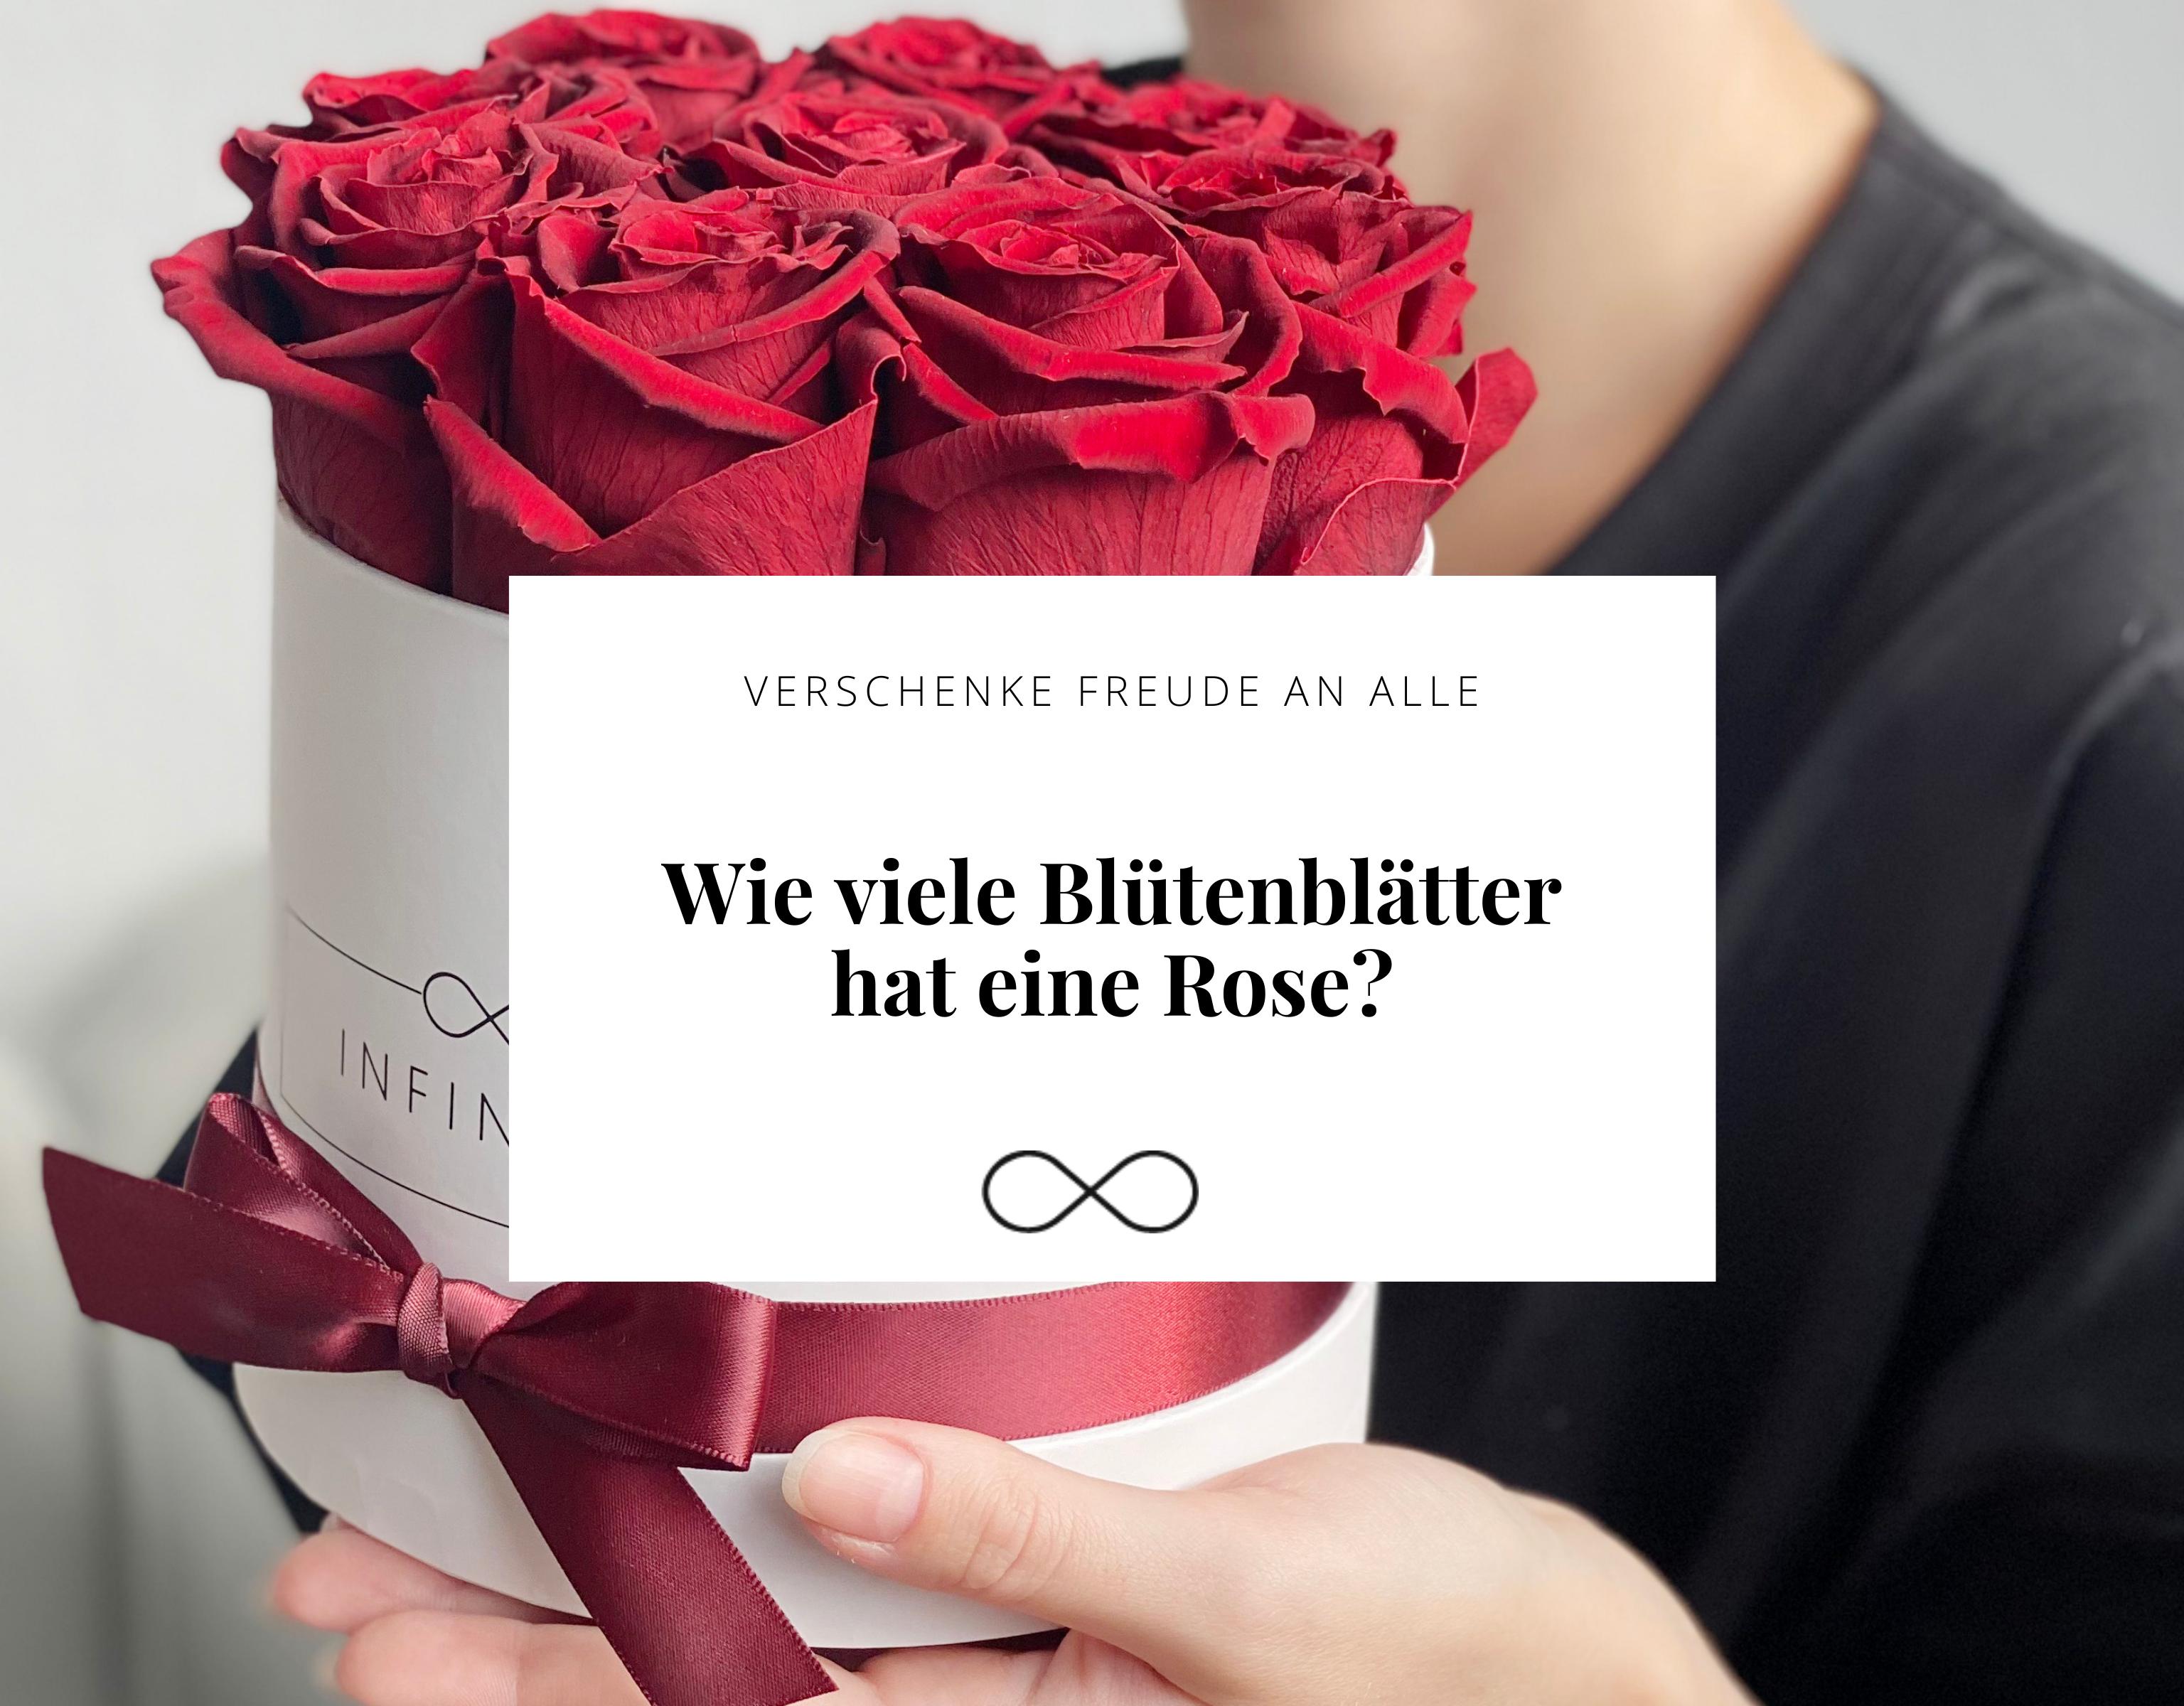 Wie viele Rosenblätter hat eine Rose